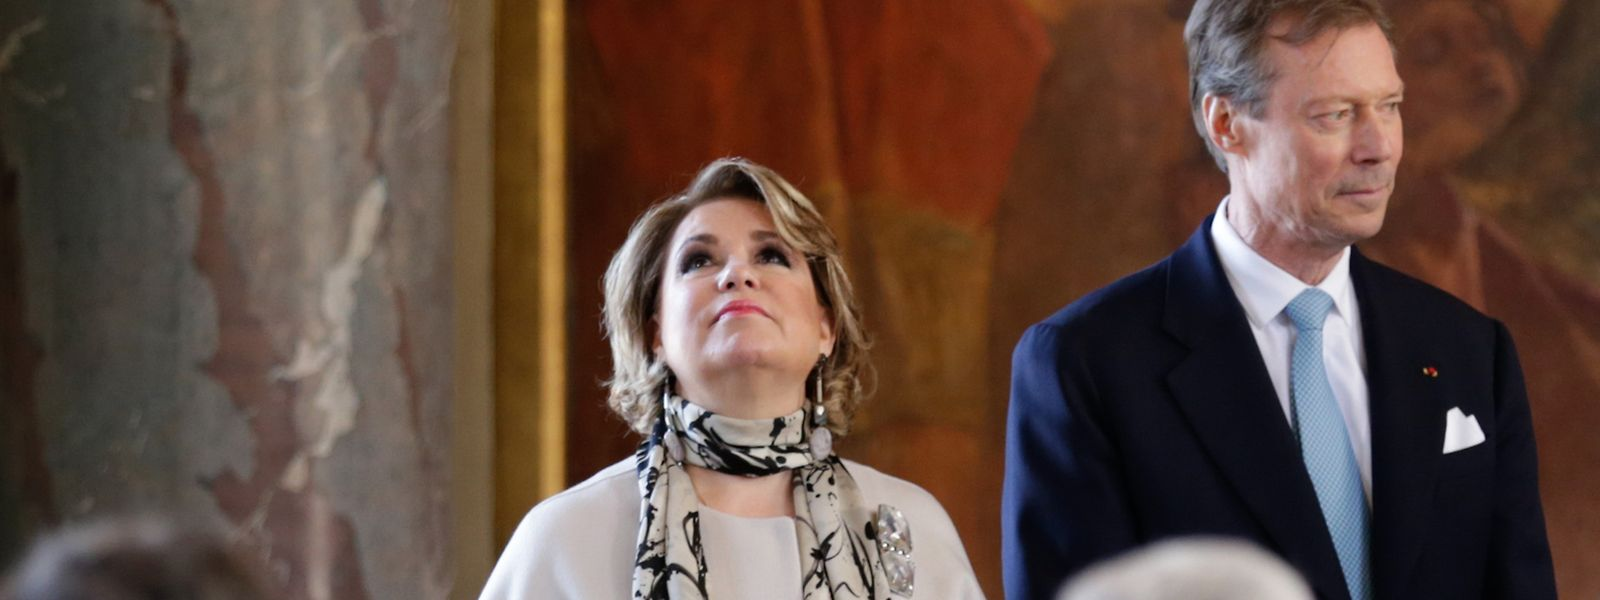 Jeannot Waringo hält die Beteiligung der Großherzogin an wichtigen Personalentscheidungen des Hofs für problematisch.